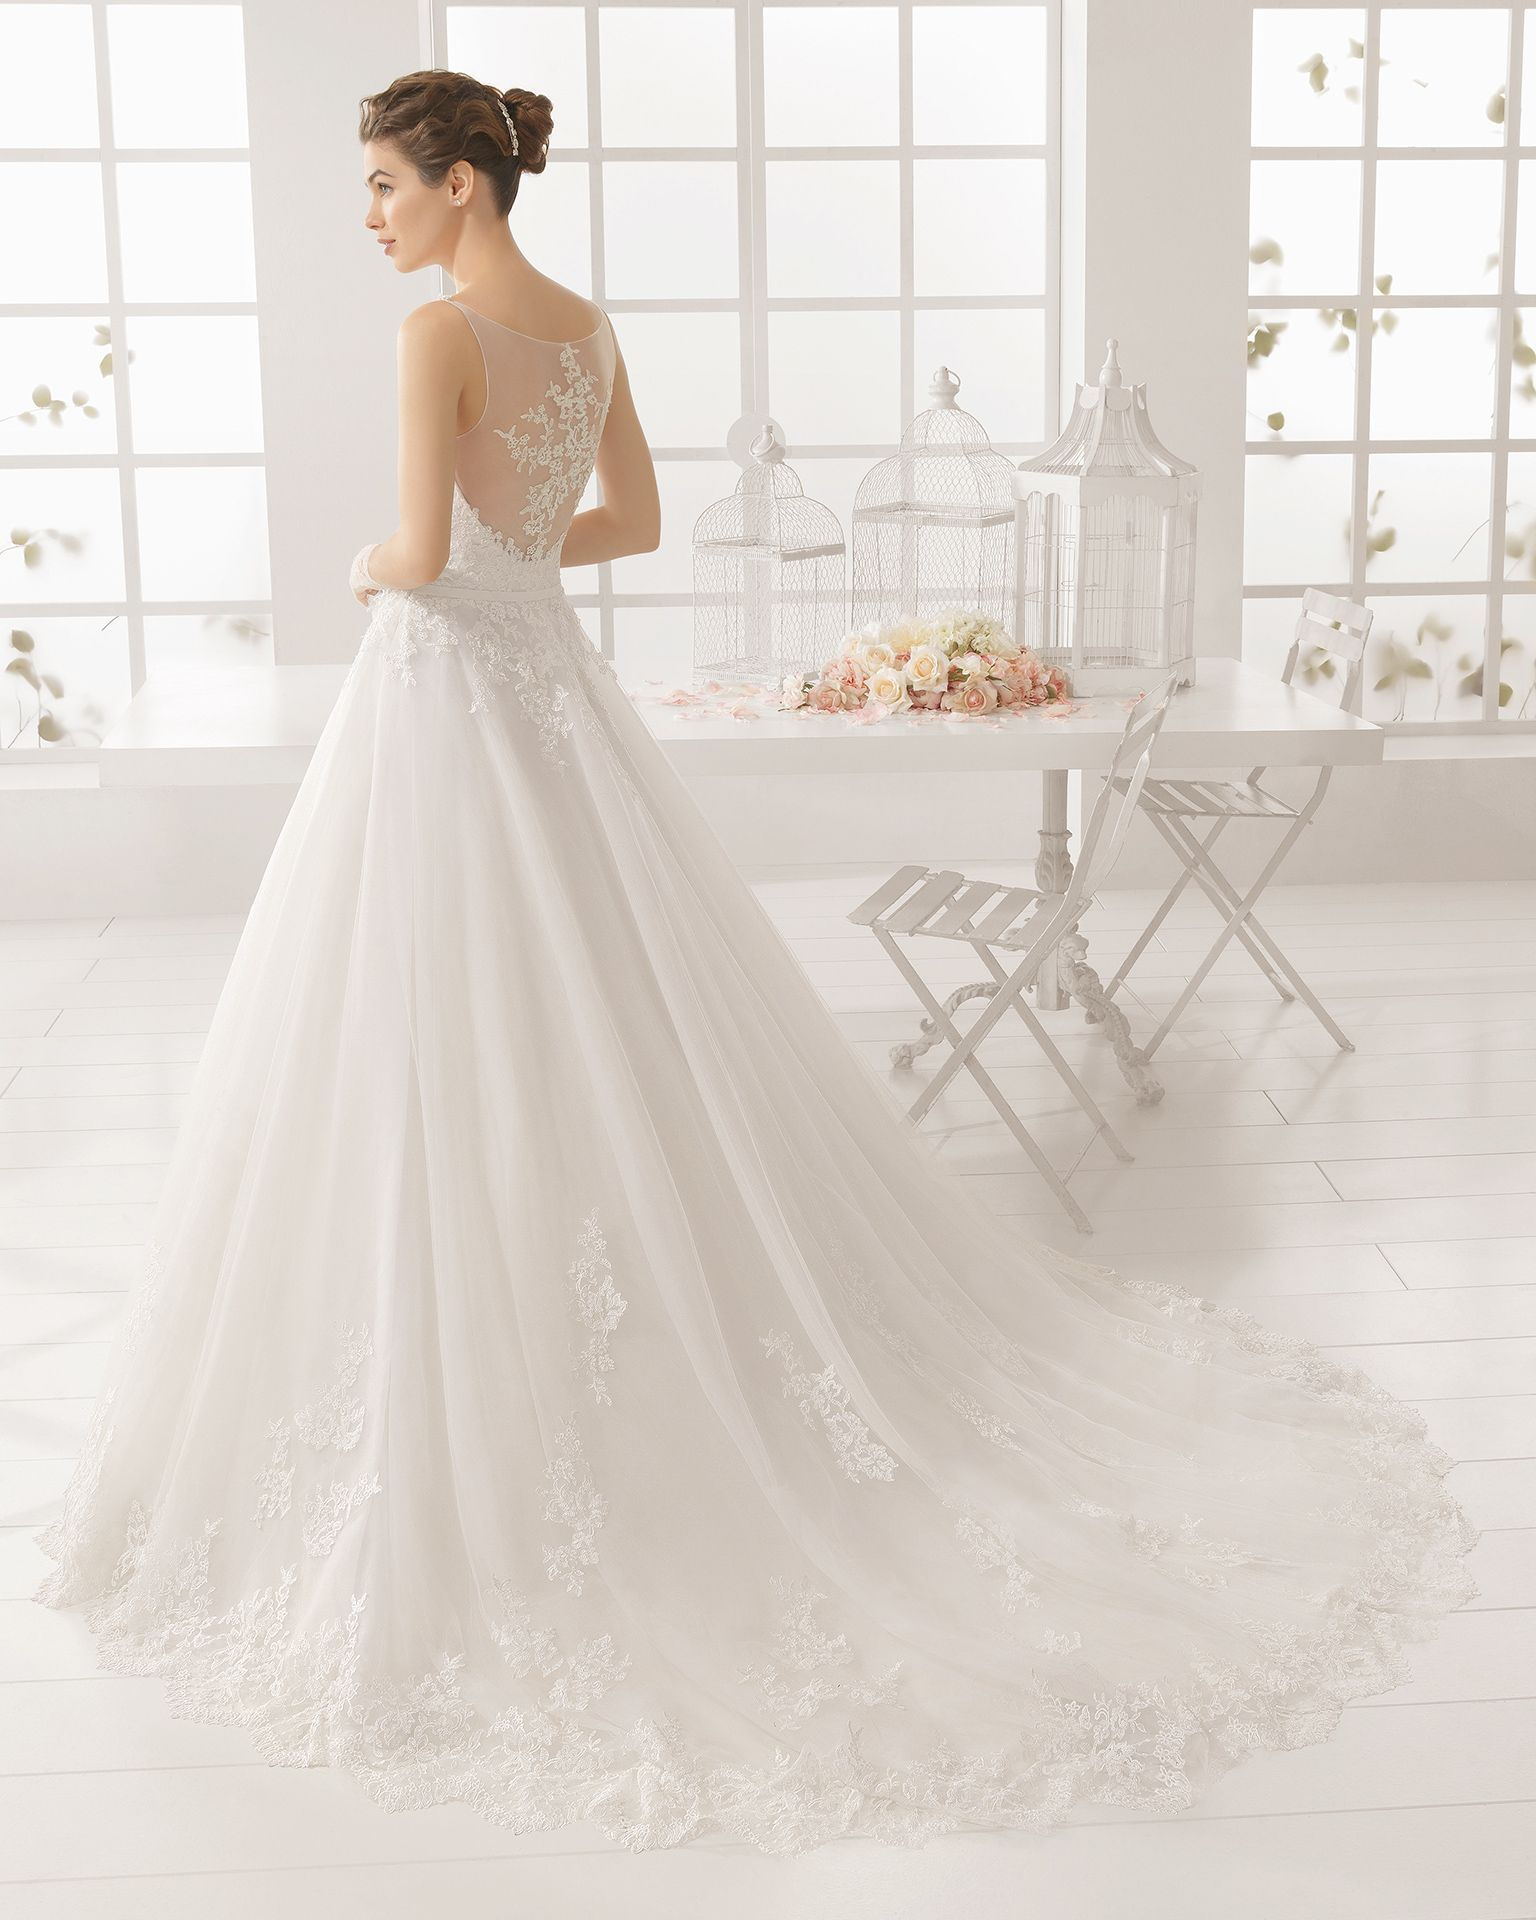 MIRIAM vestido de novia en bordado pedreria y tul. | her wedding ...